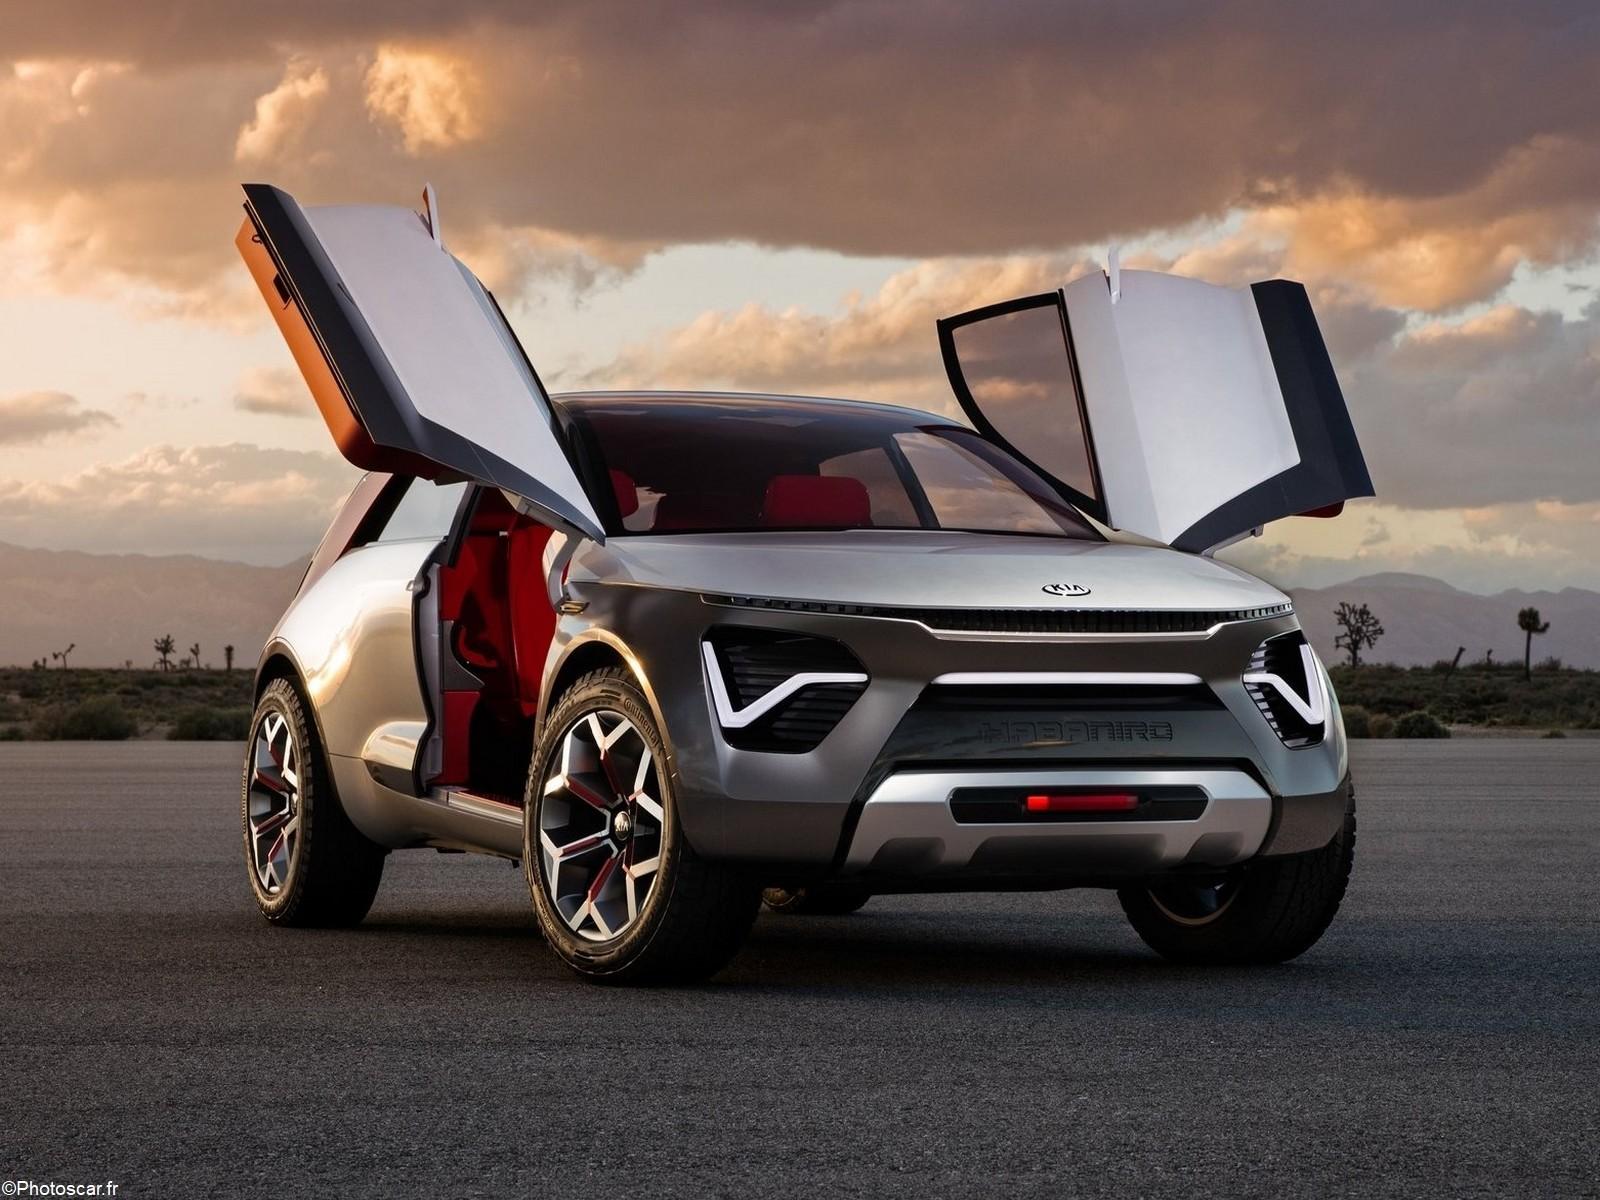 Kia HabaNiro Concept 2019 – Design futuriste Suv électrique et autonome.